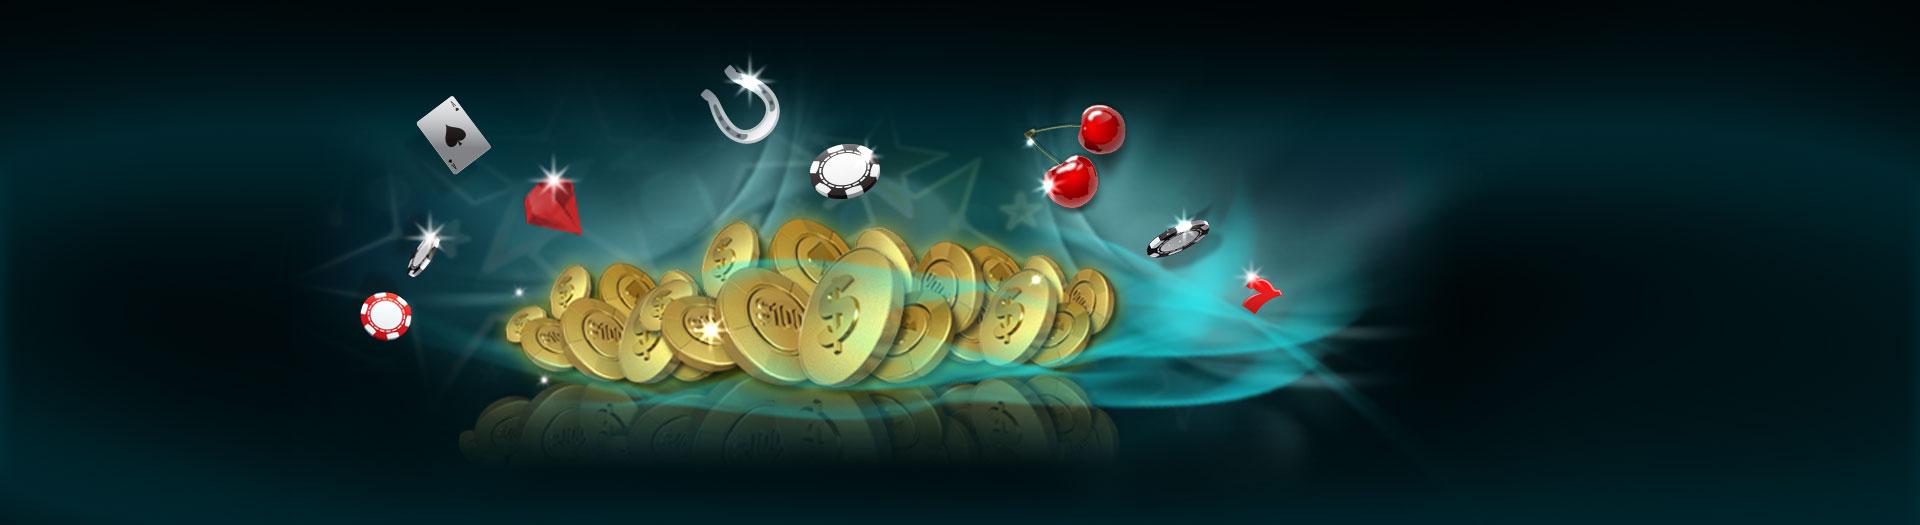 Suerte Loki casino 888poker 88 gratis-954381